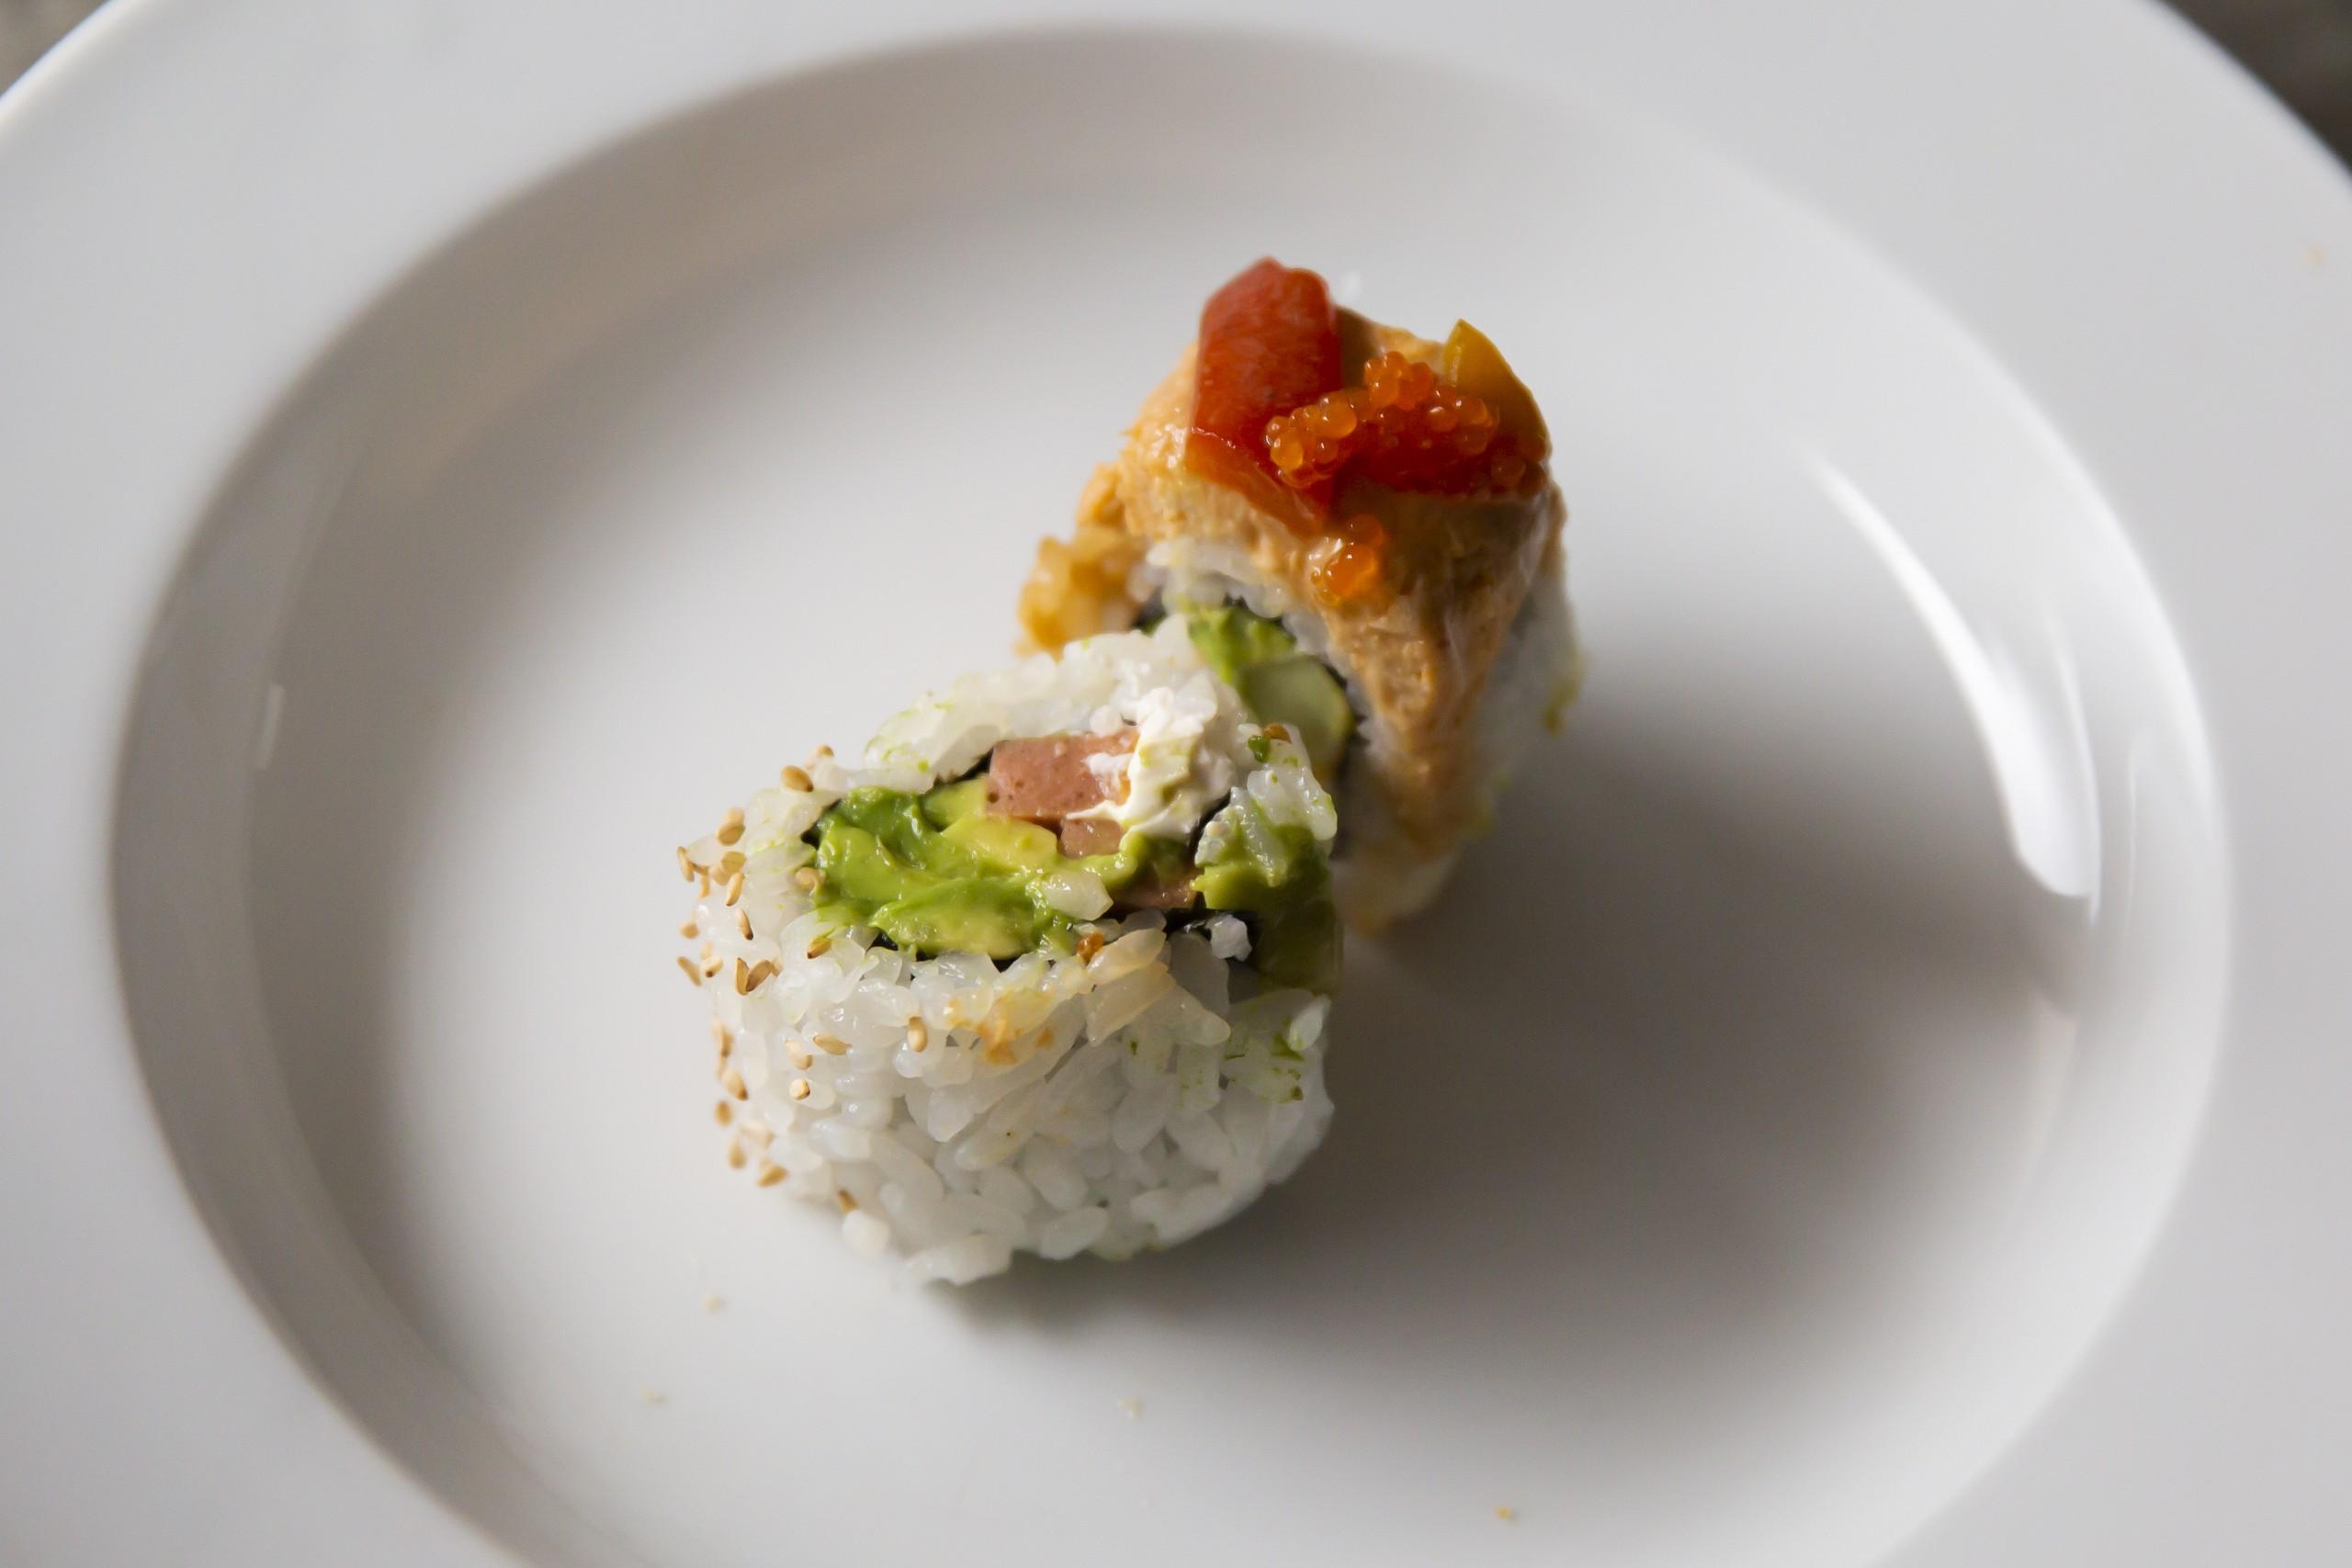 Philadelphia And Pokai sushi rolls at tane vegan izakaya